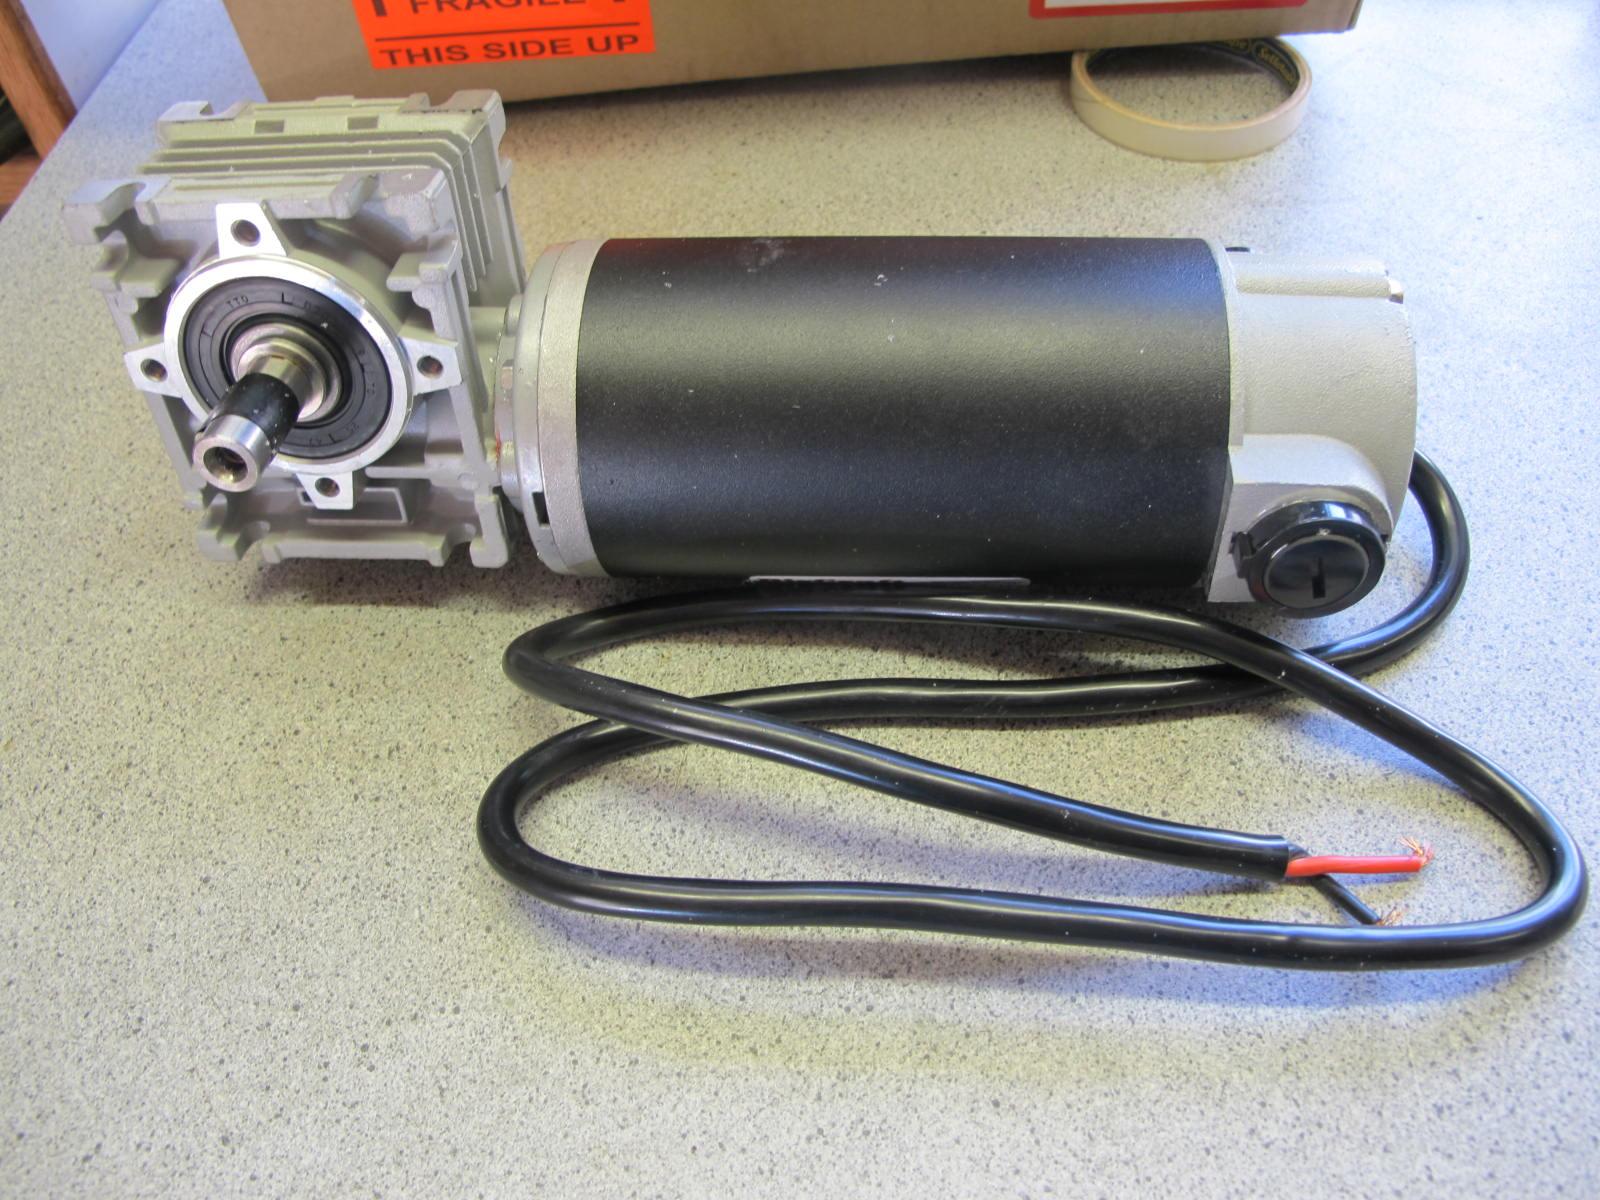 Ckd boats roy mc bride toylander 250 watt 12 volt dc for 12 volt gear motor